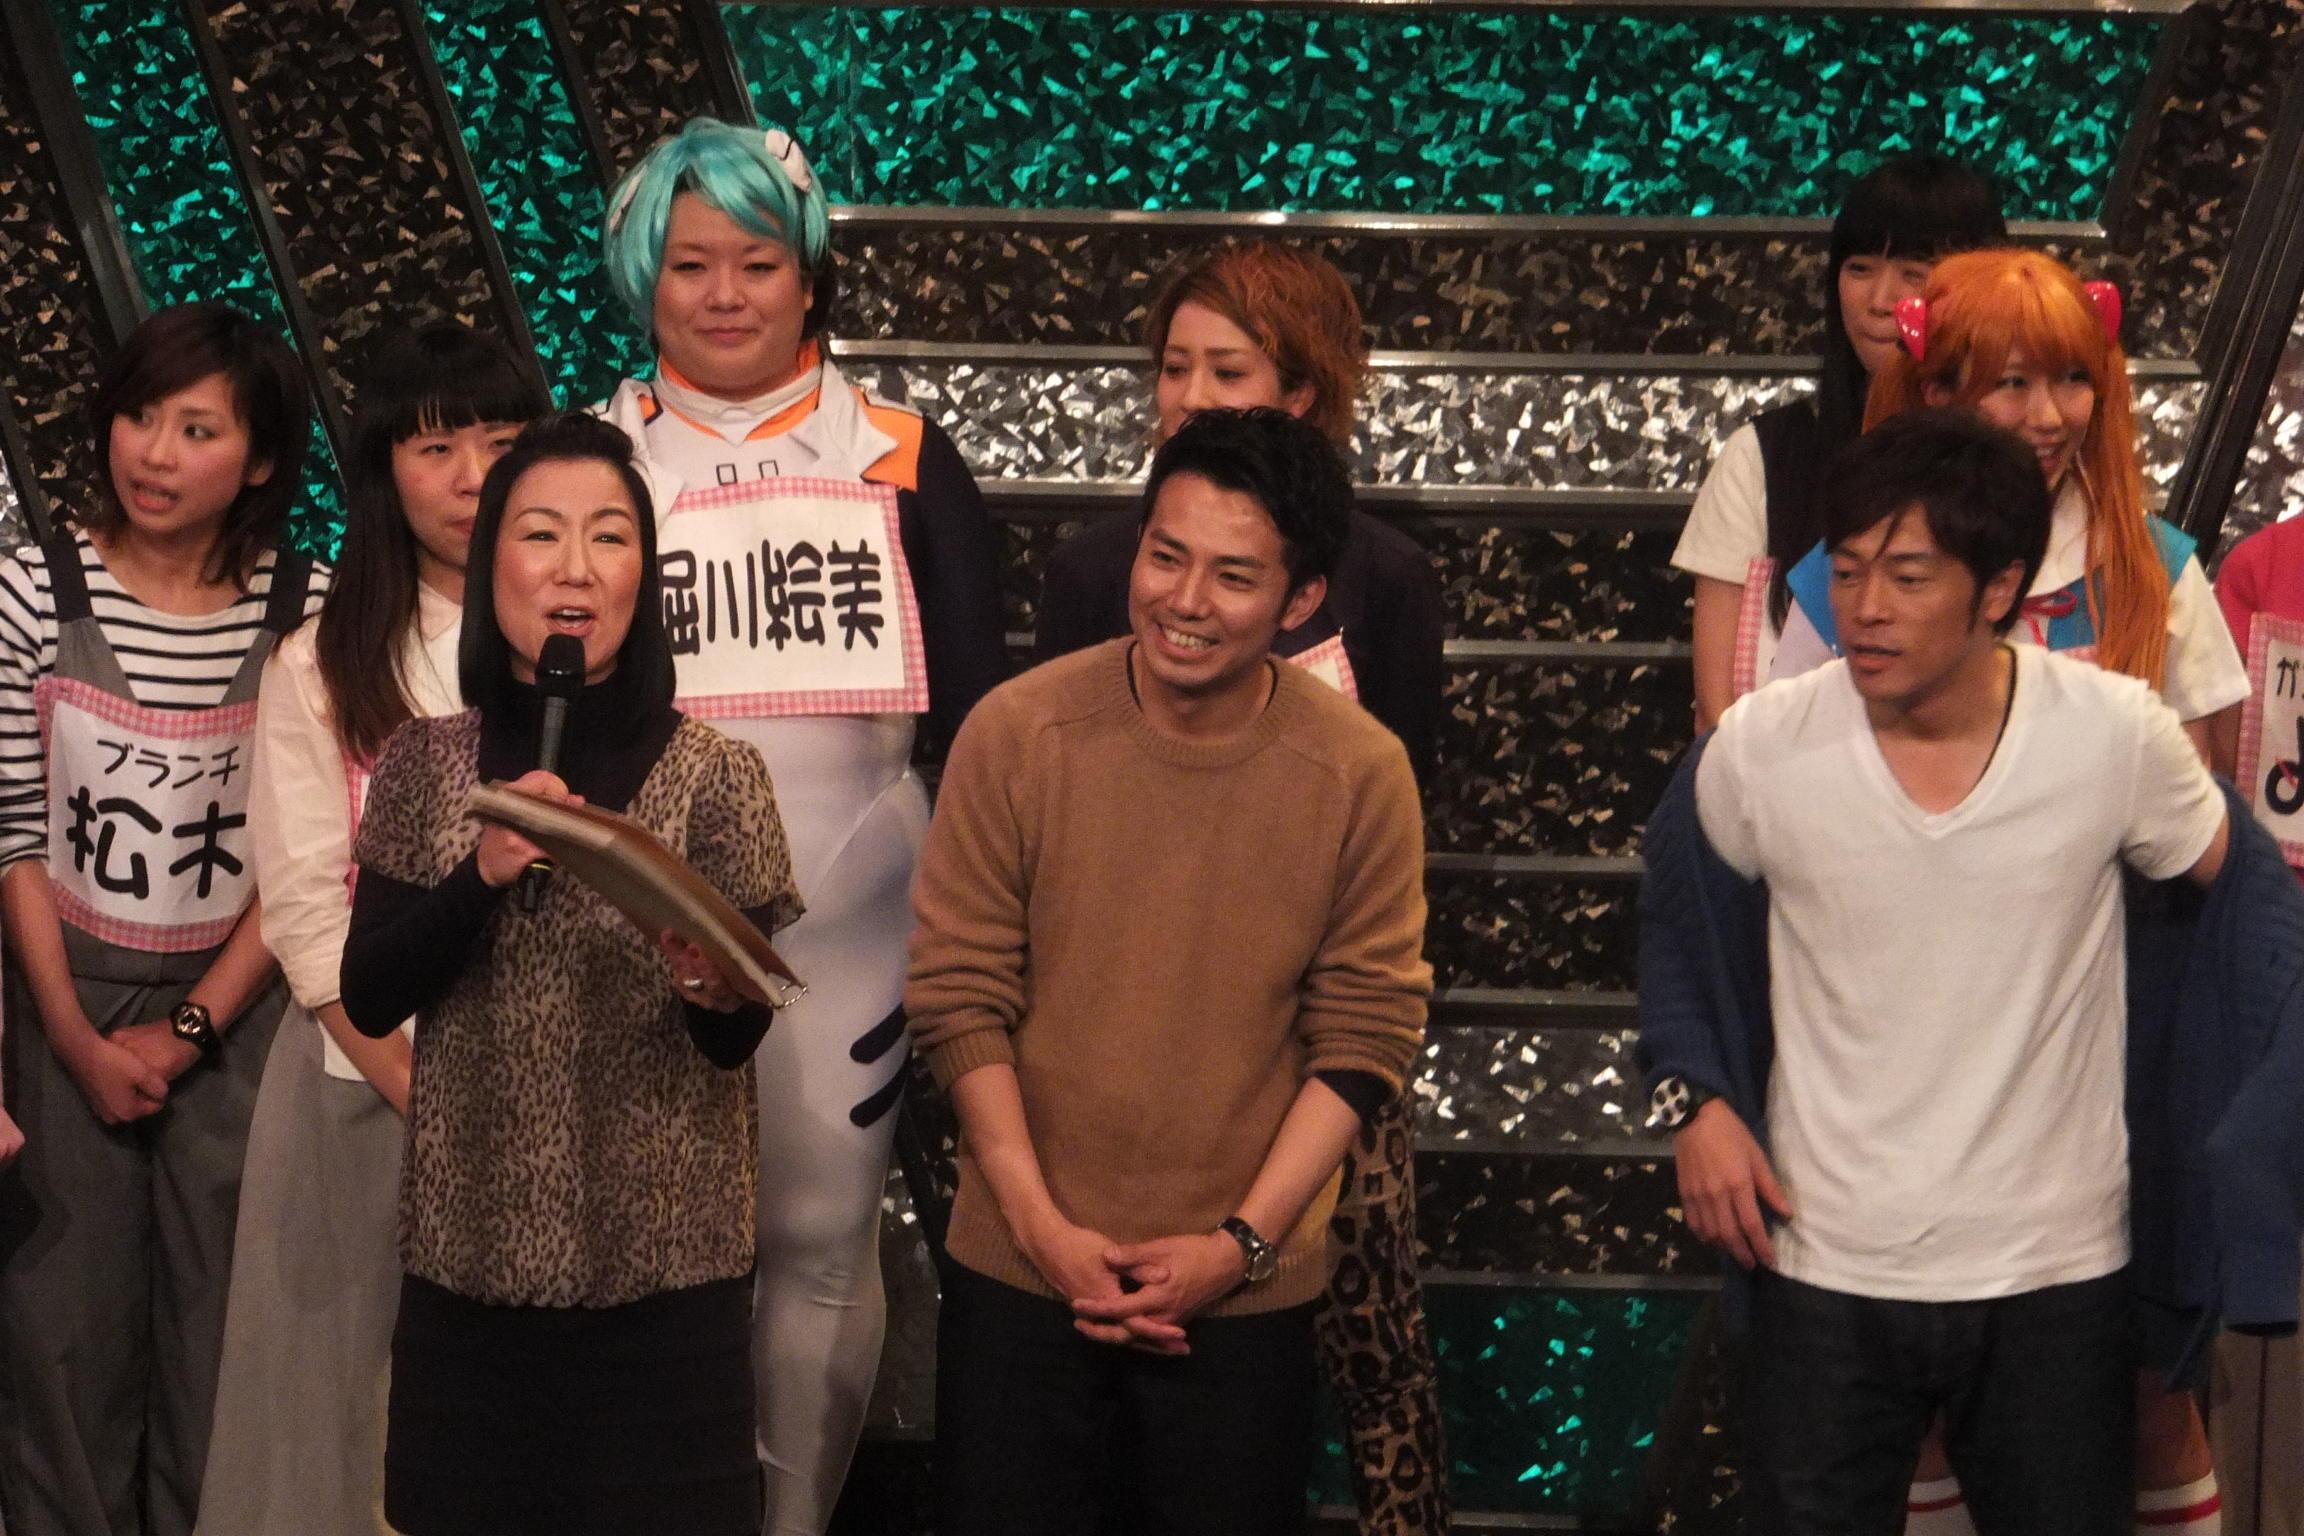 http://news.yoshimoto.co.jp/20160129152543-5fa01efb267513e32607a192c19bf116a3fae855.jpg